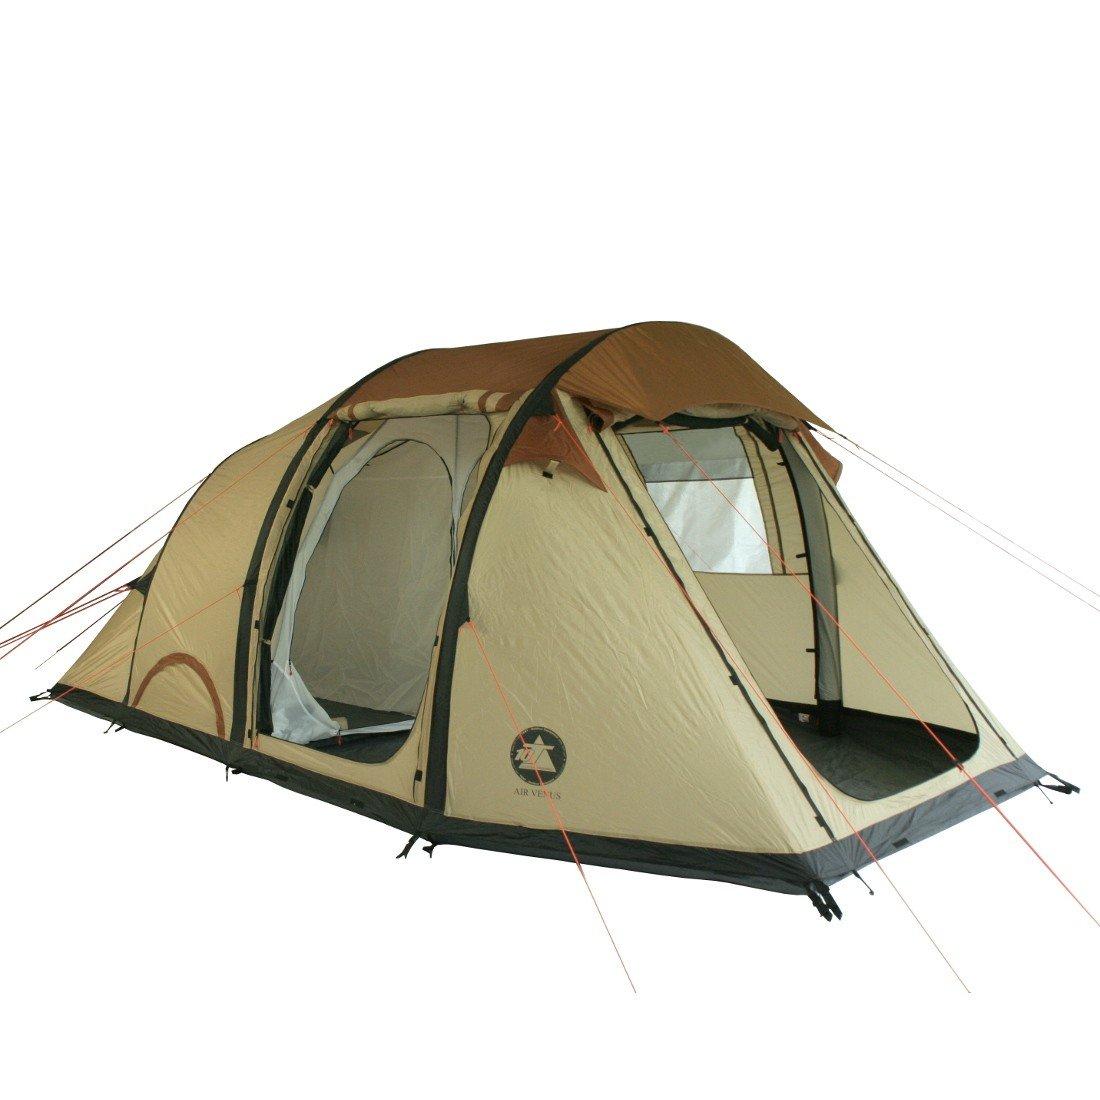 Aufblasbares Zelt, Zelt aufblasbar, Schnellaufbauzelt, Sekundenzelt, Zelt mit schnellem aufbau